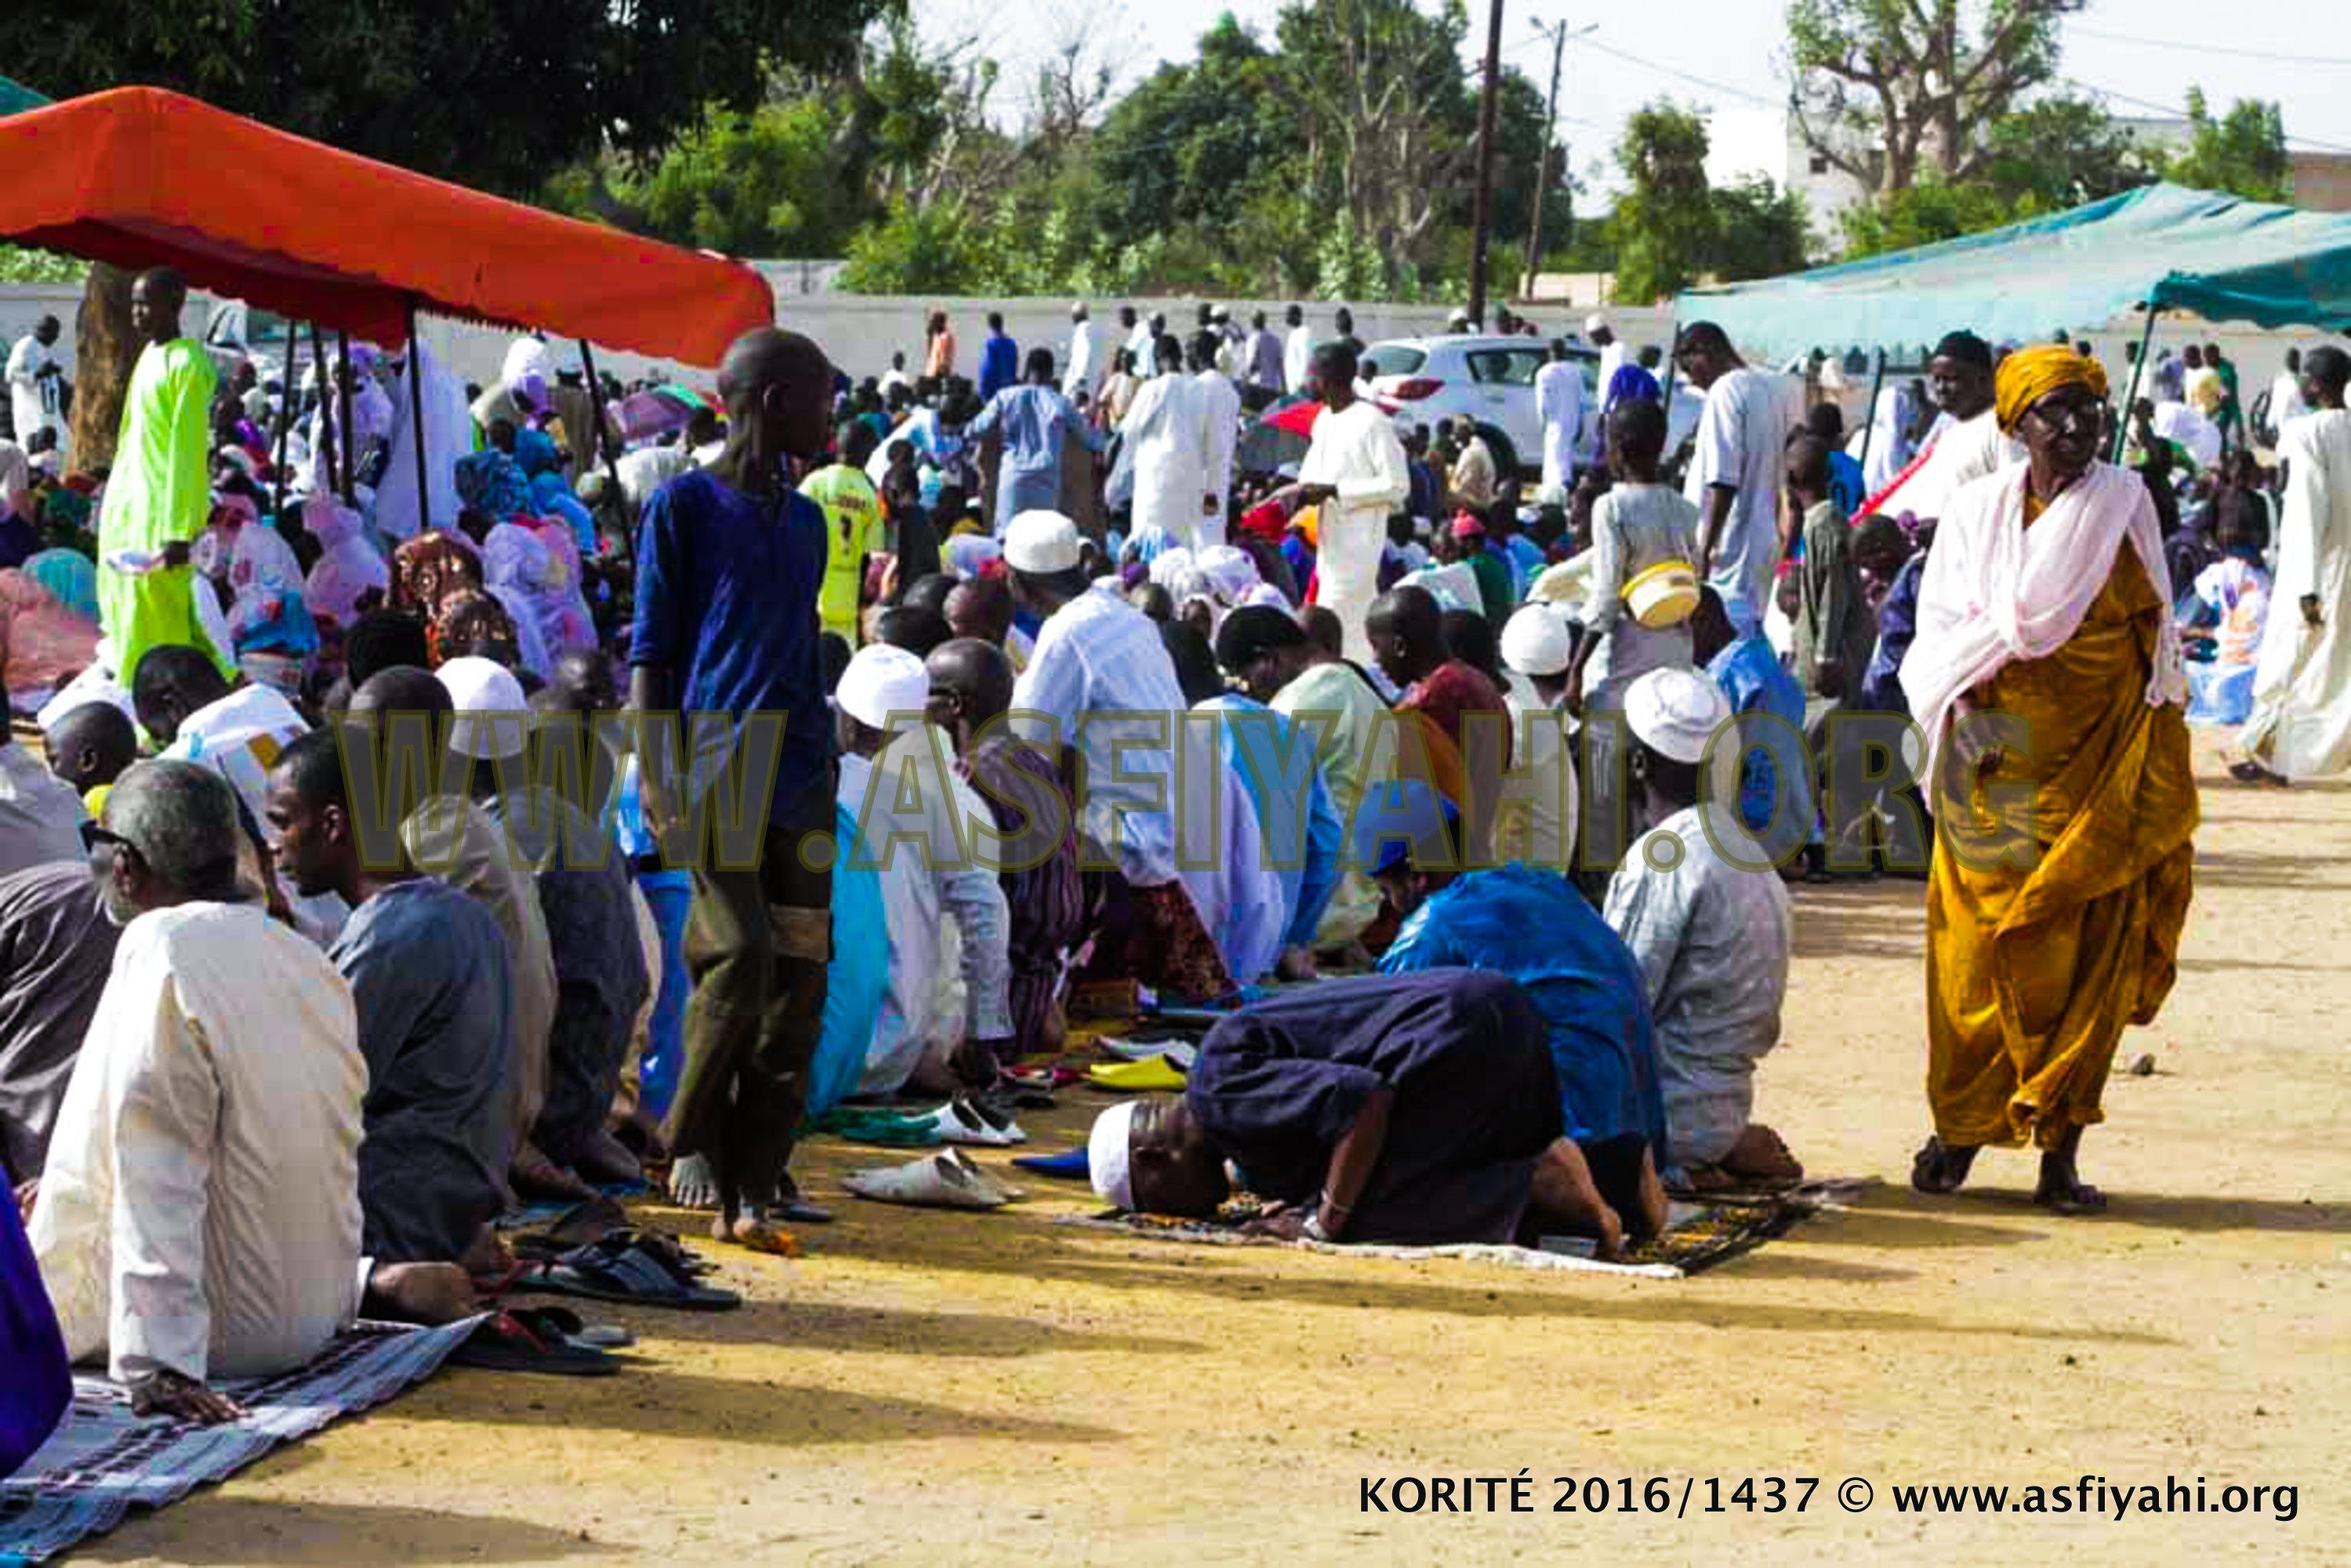 PHOTOS - KORITÉ 2016 À TIVAOUANE - Les Images de la Prière à Kheul-Khouss